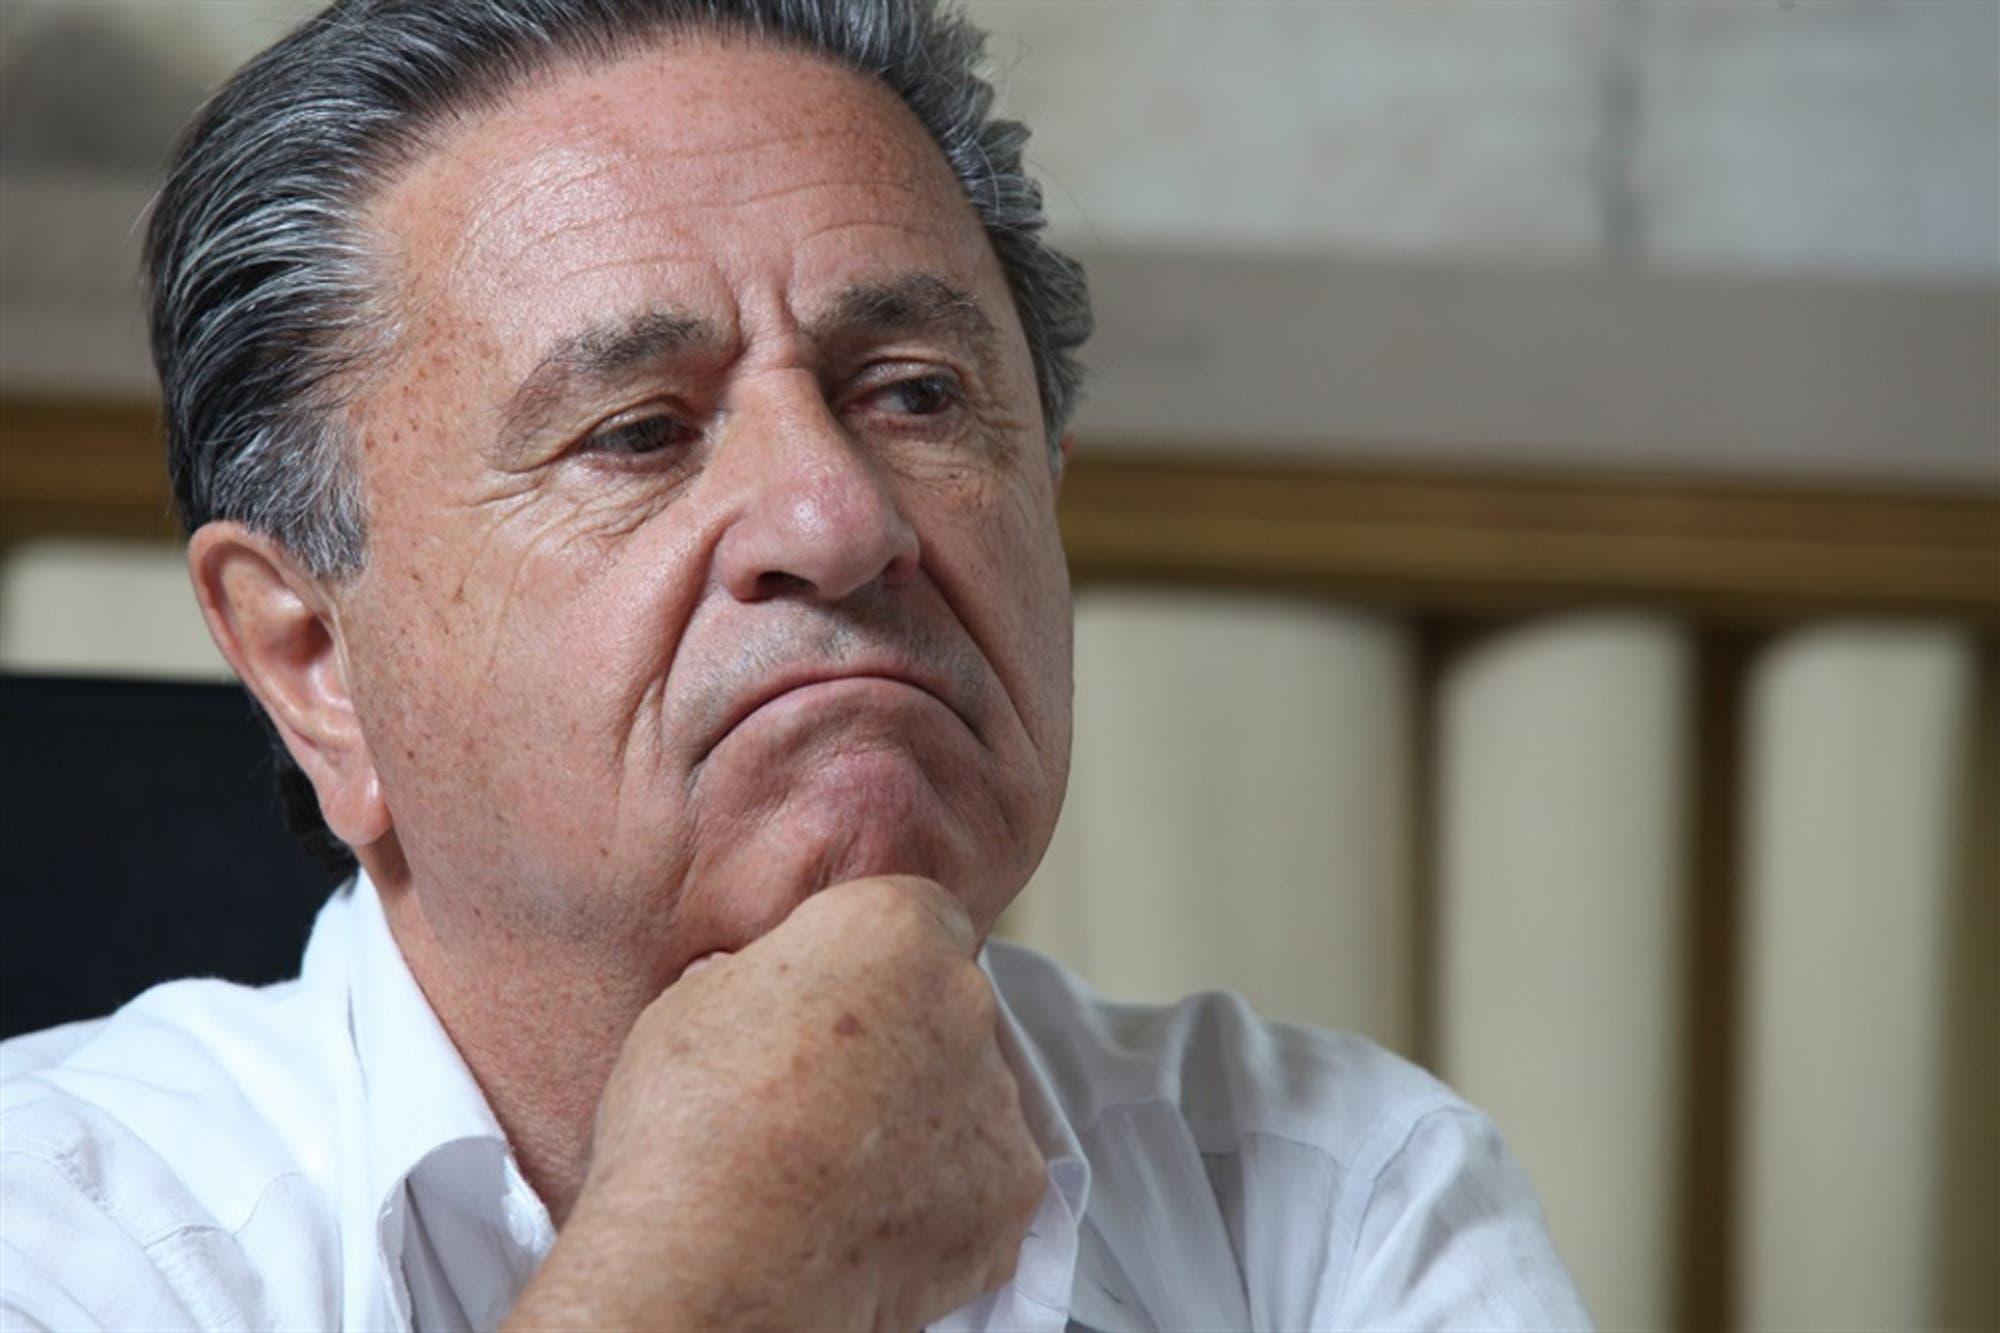 Con el aval del Presidente y Cristina, Eduardo Duhalde propone la venta de productos por peso